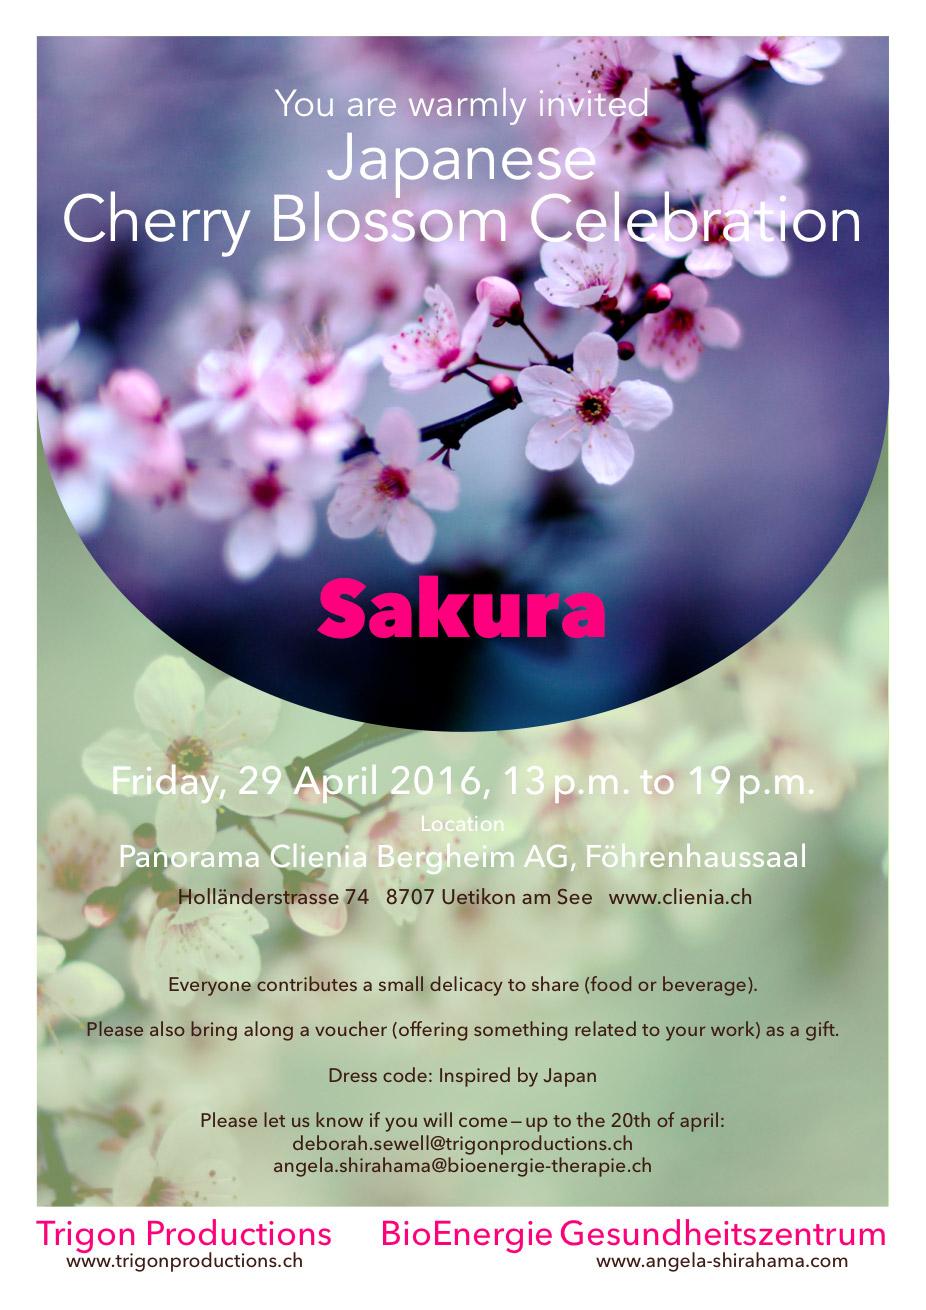 SakuraFestival_E.jpg